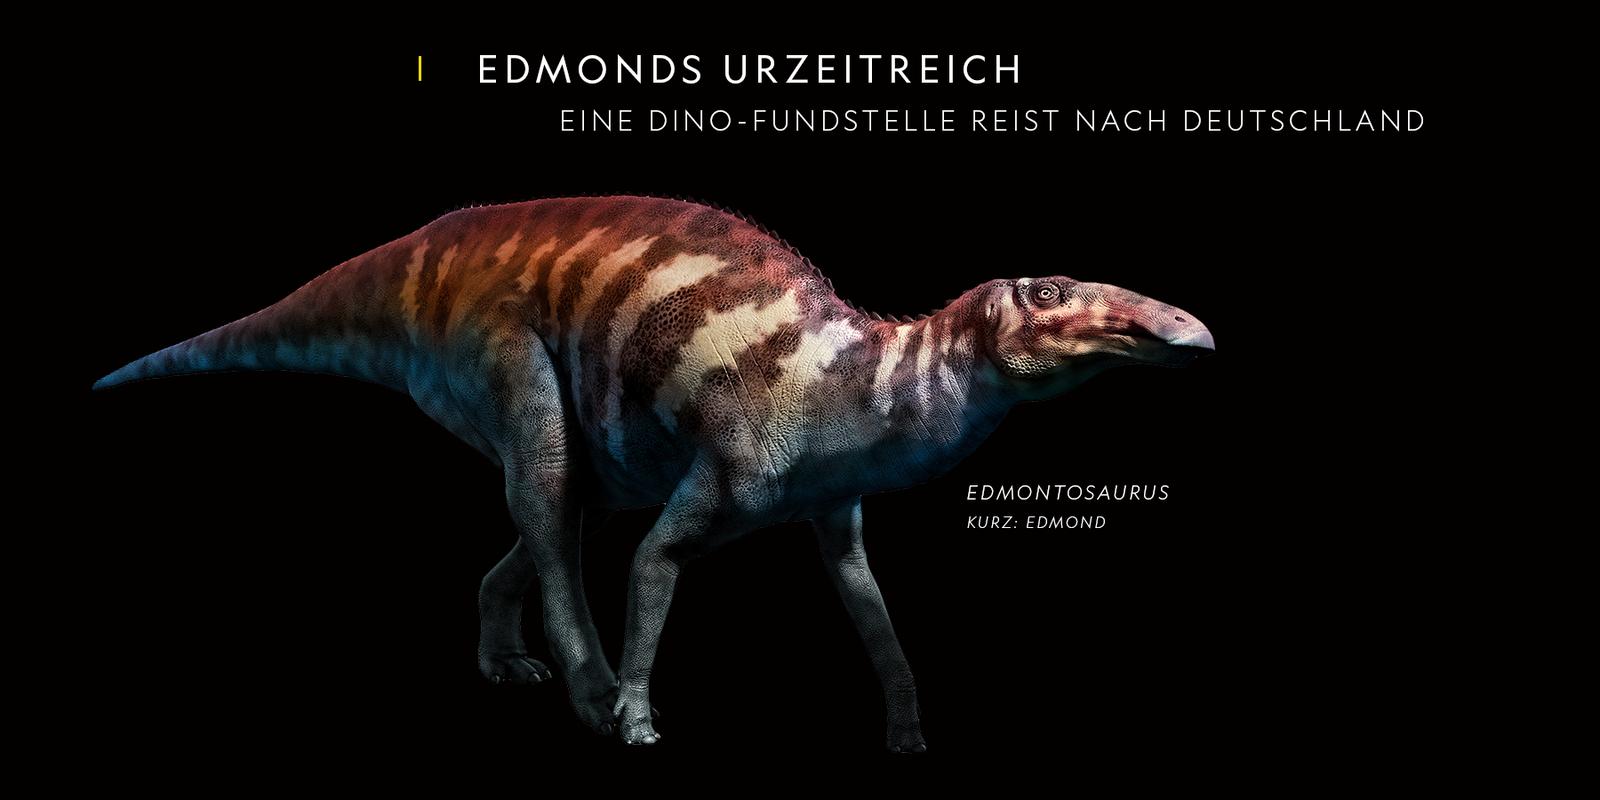 Kreidezeit zum Anfassen: Eine Fossilfundstelle reist nach Deutschland